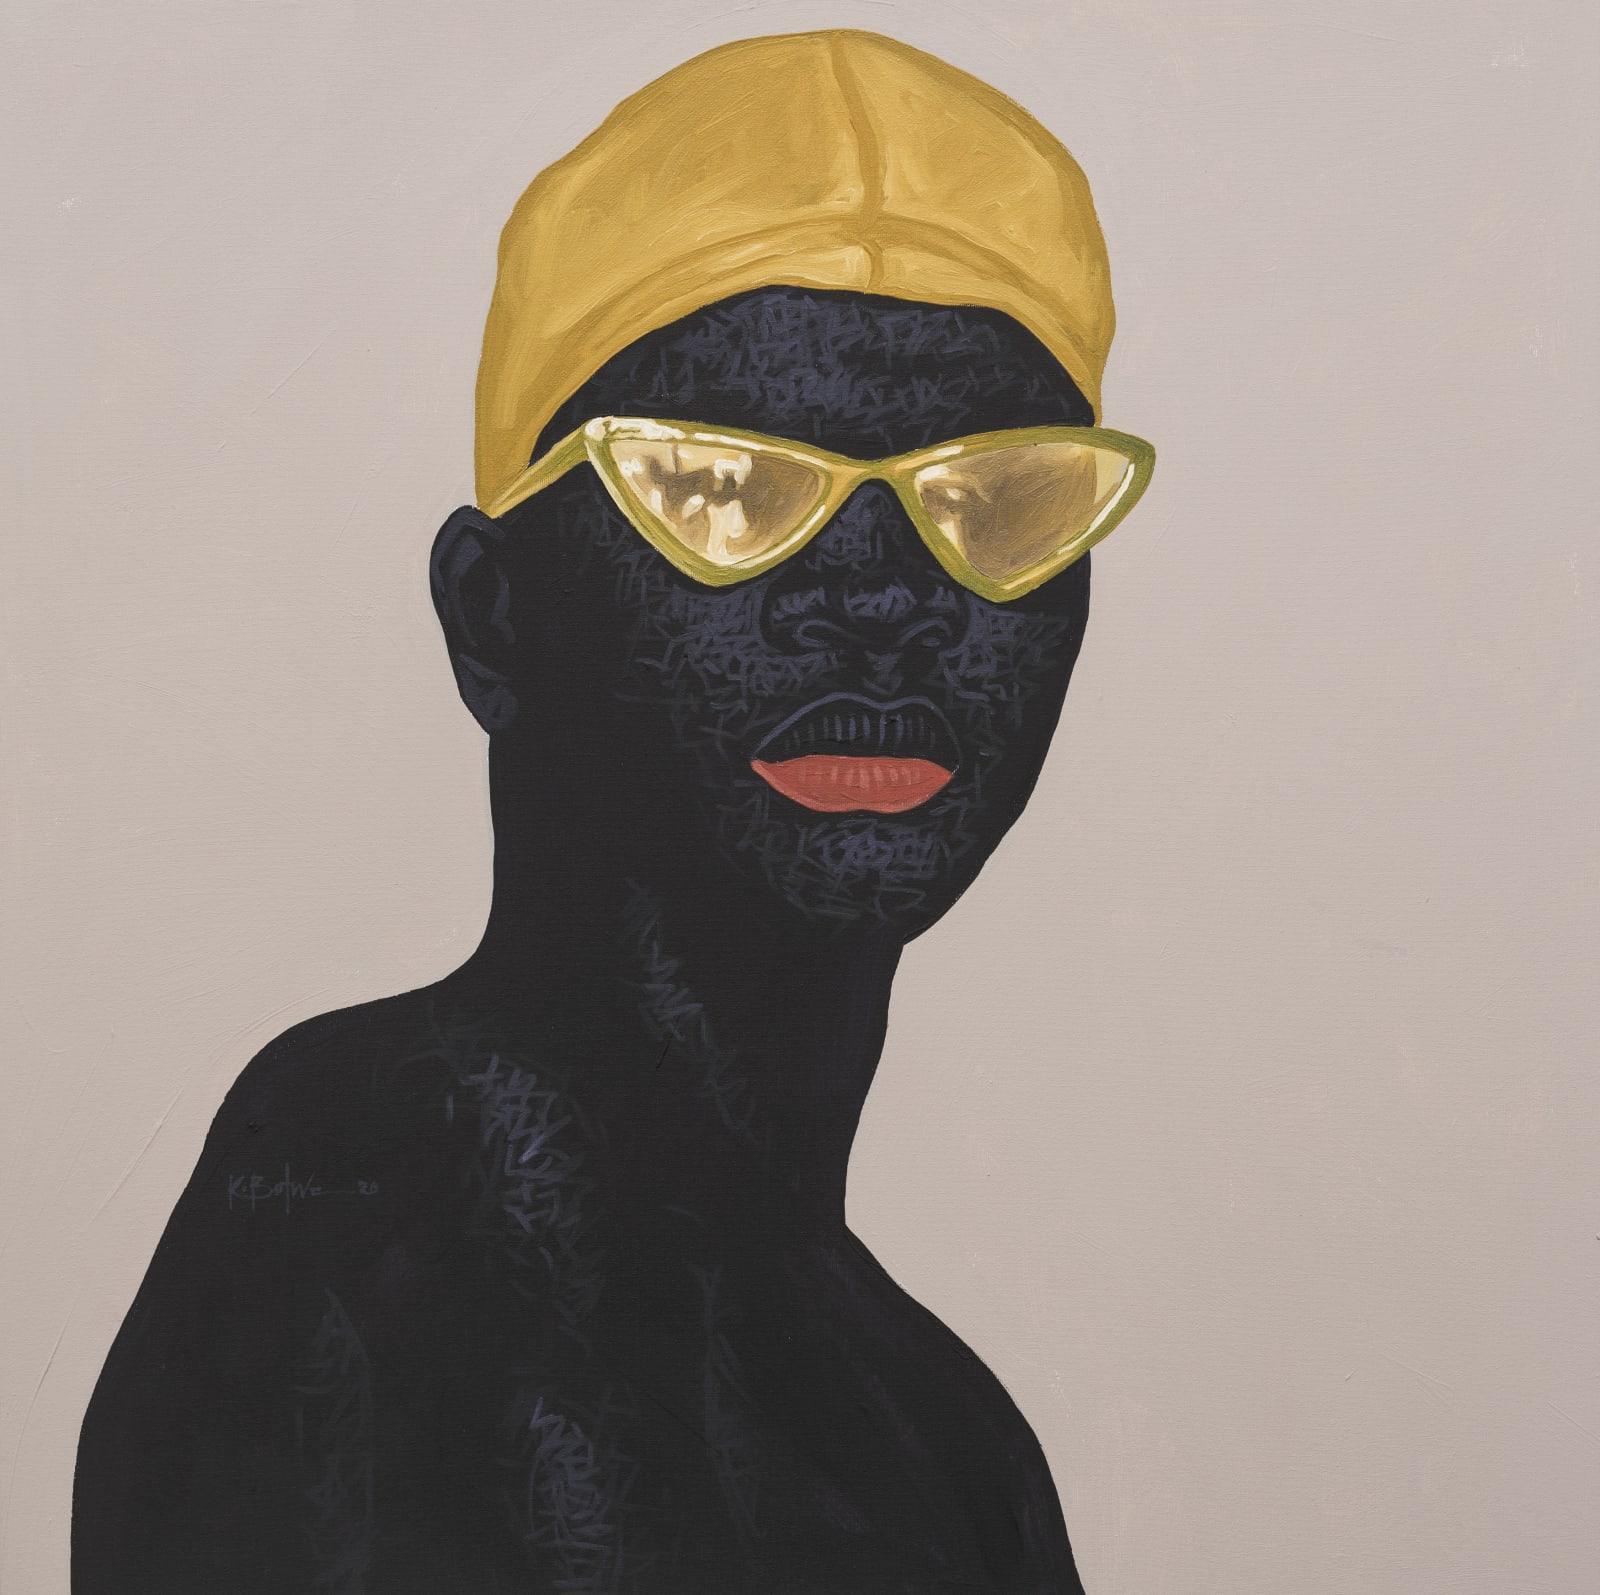 Kwesi Botchway, Ocre Sunglass, 2020